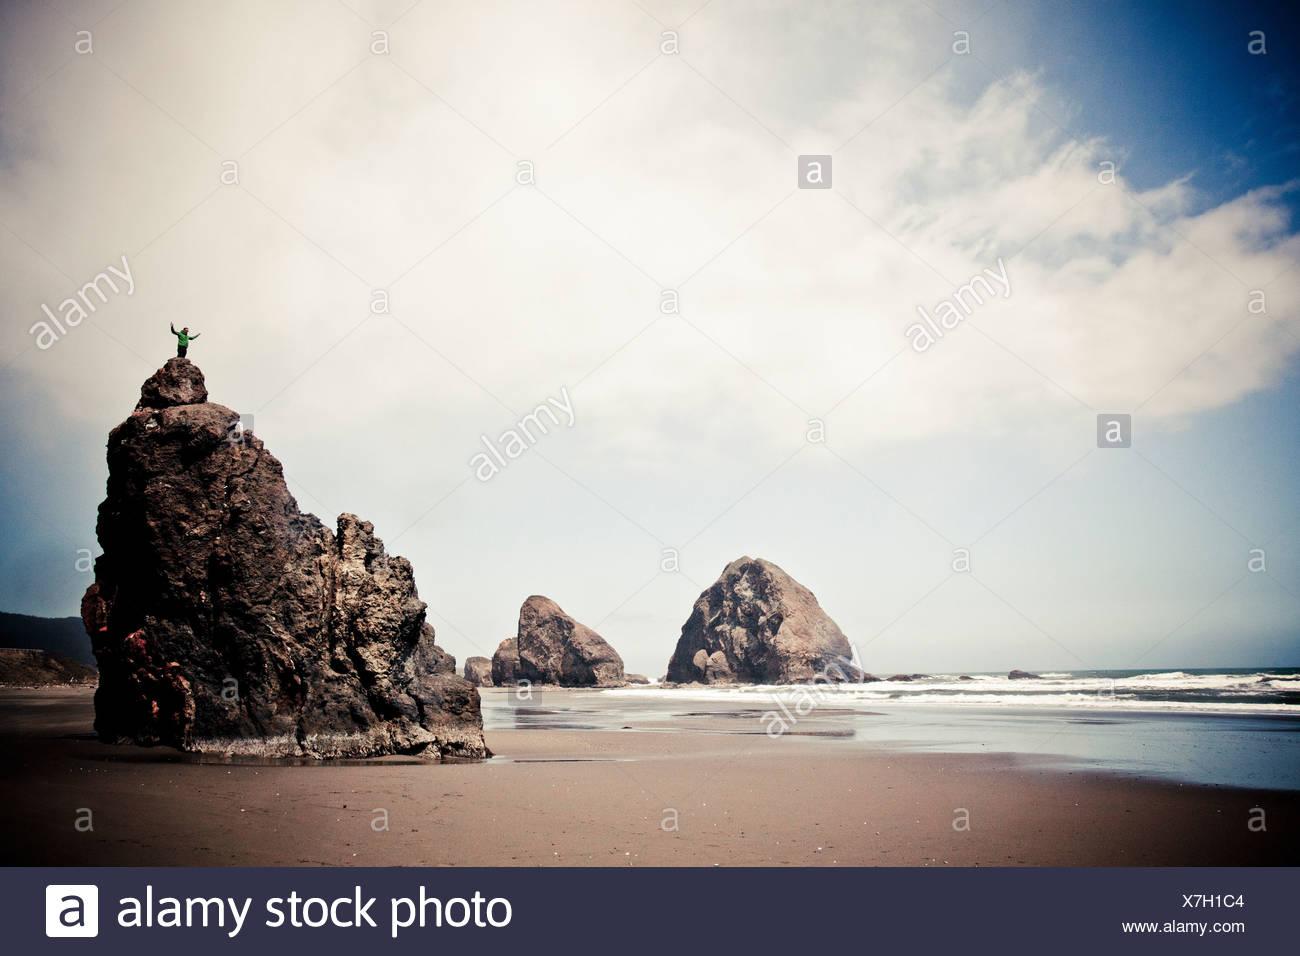 Un grimpeur se dresse sur un monolithe à Pistol River State Park, sur la côte de l'Oregon, USA. Photo Stock